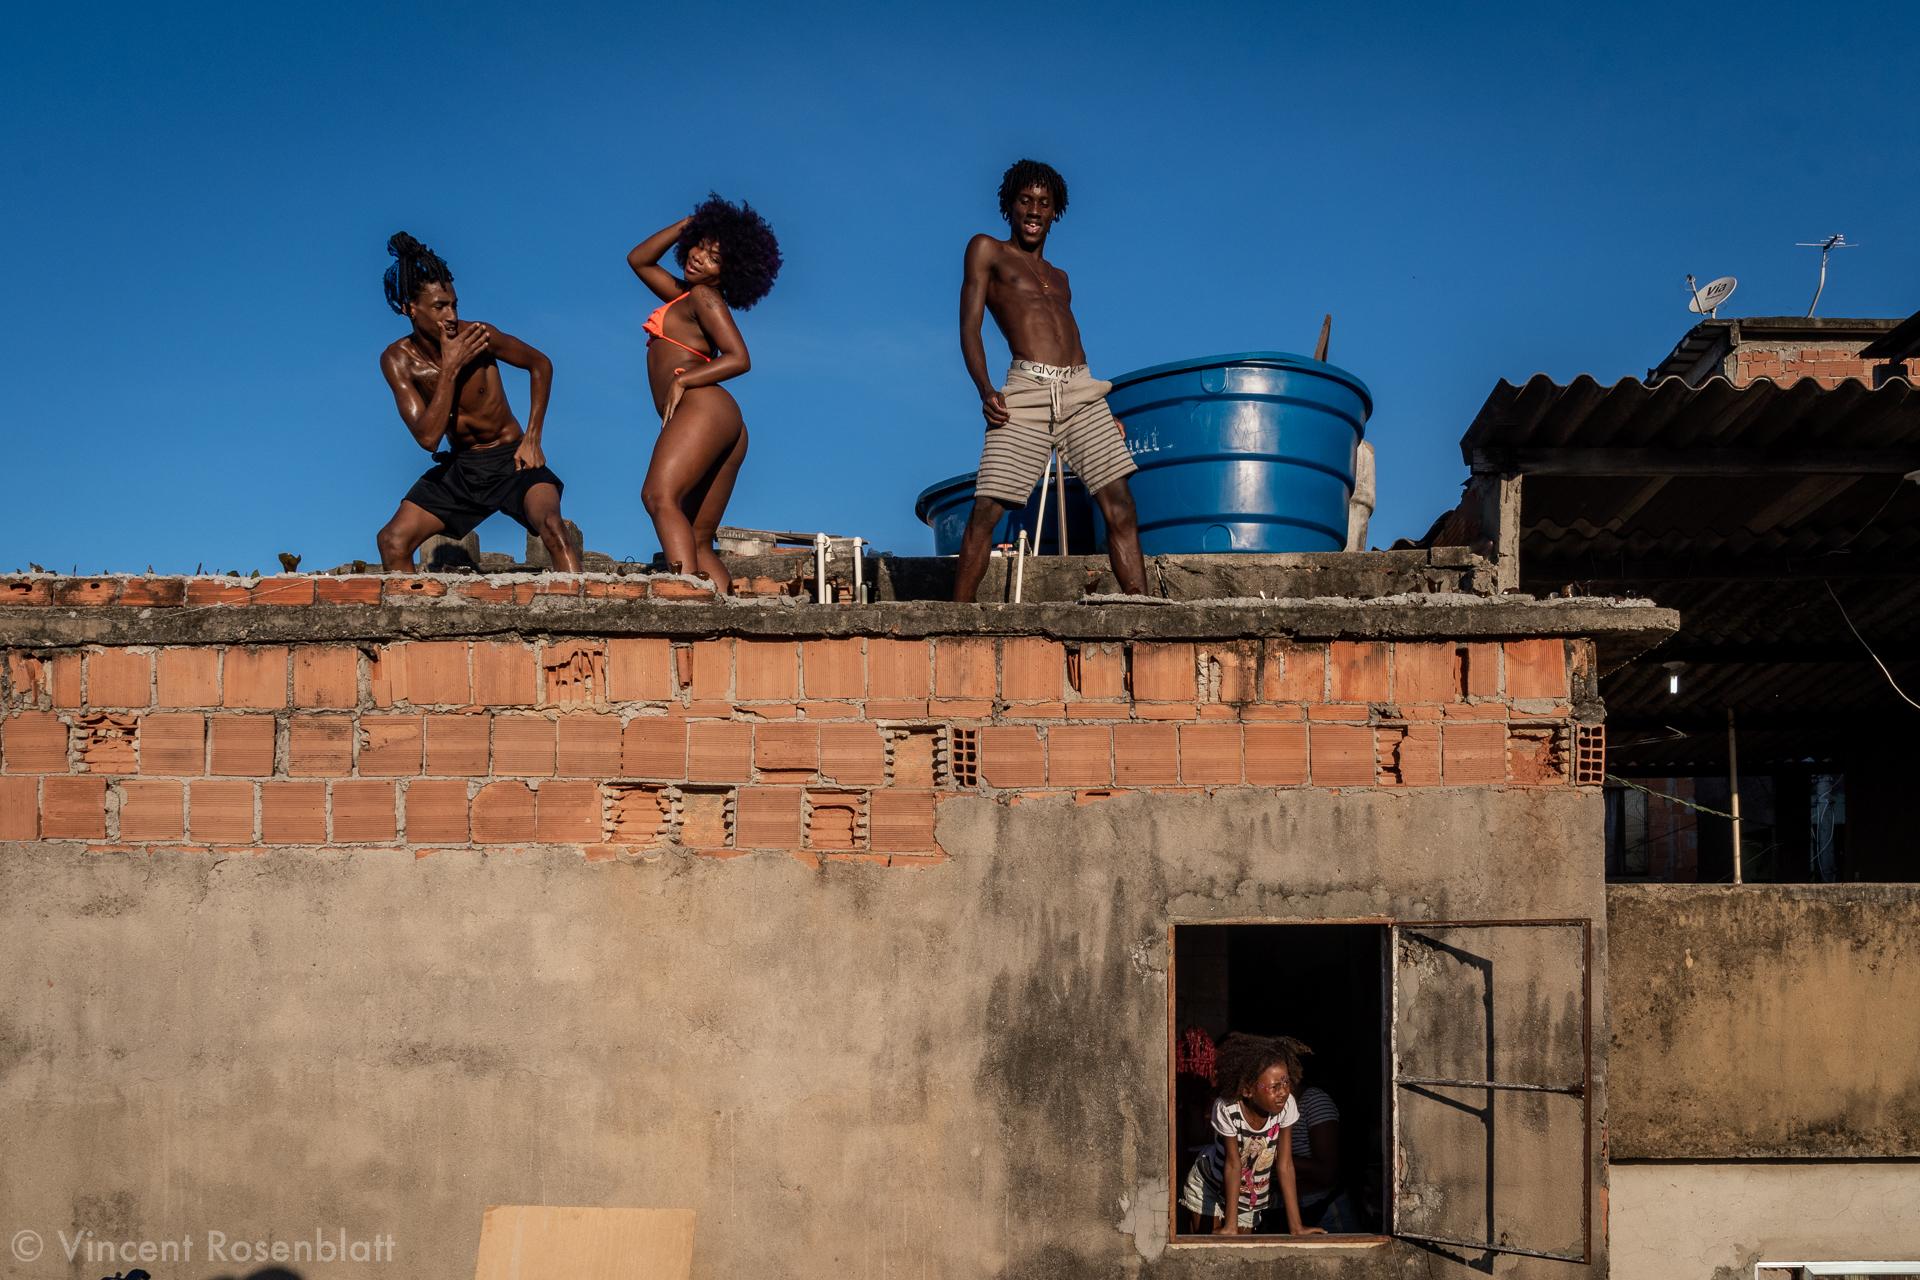 Grelinho de Diamante - MC Baby Perigosa feat MC Tchelinho & Heavy Baile - videomusic recorded in Vila Cruzeiro, Complexo da Penha, Rio de Janeiro